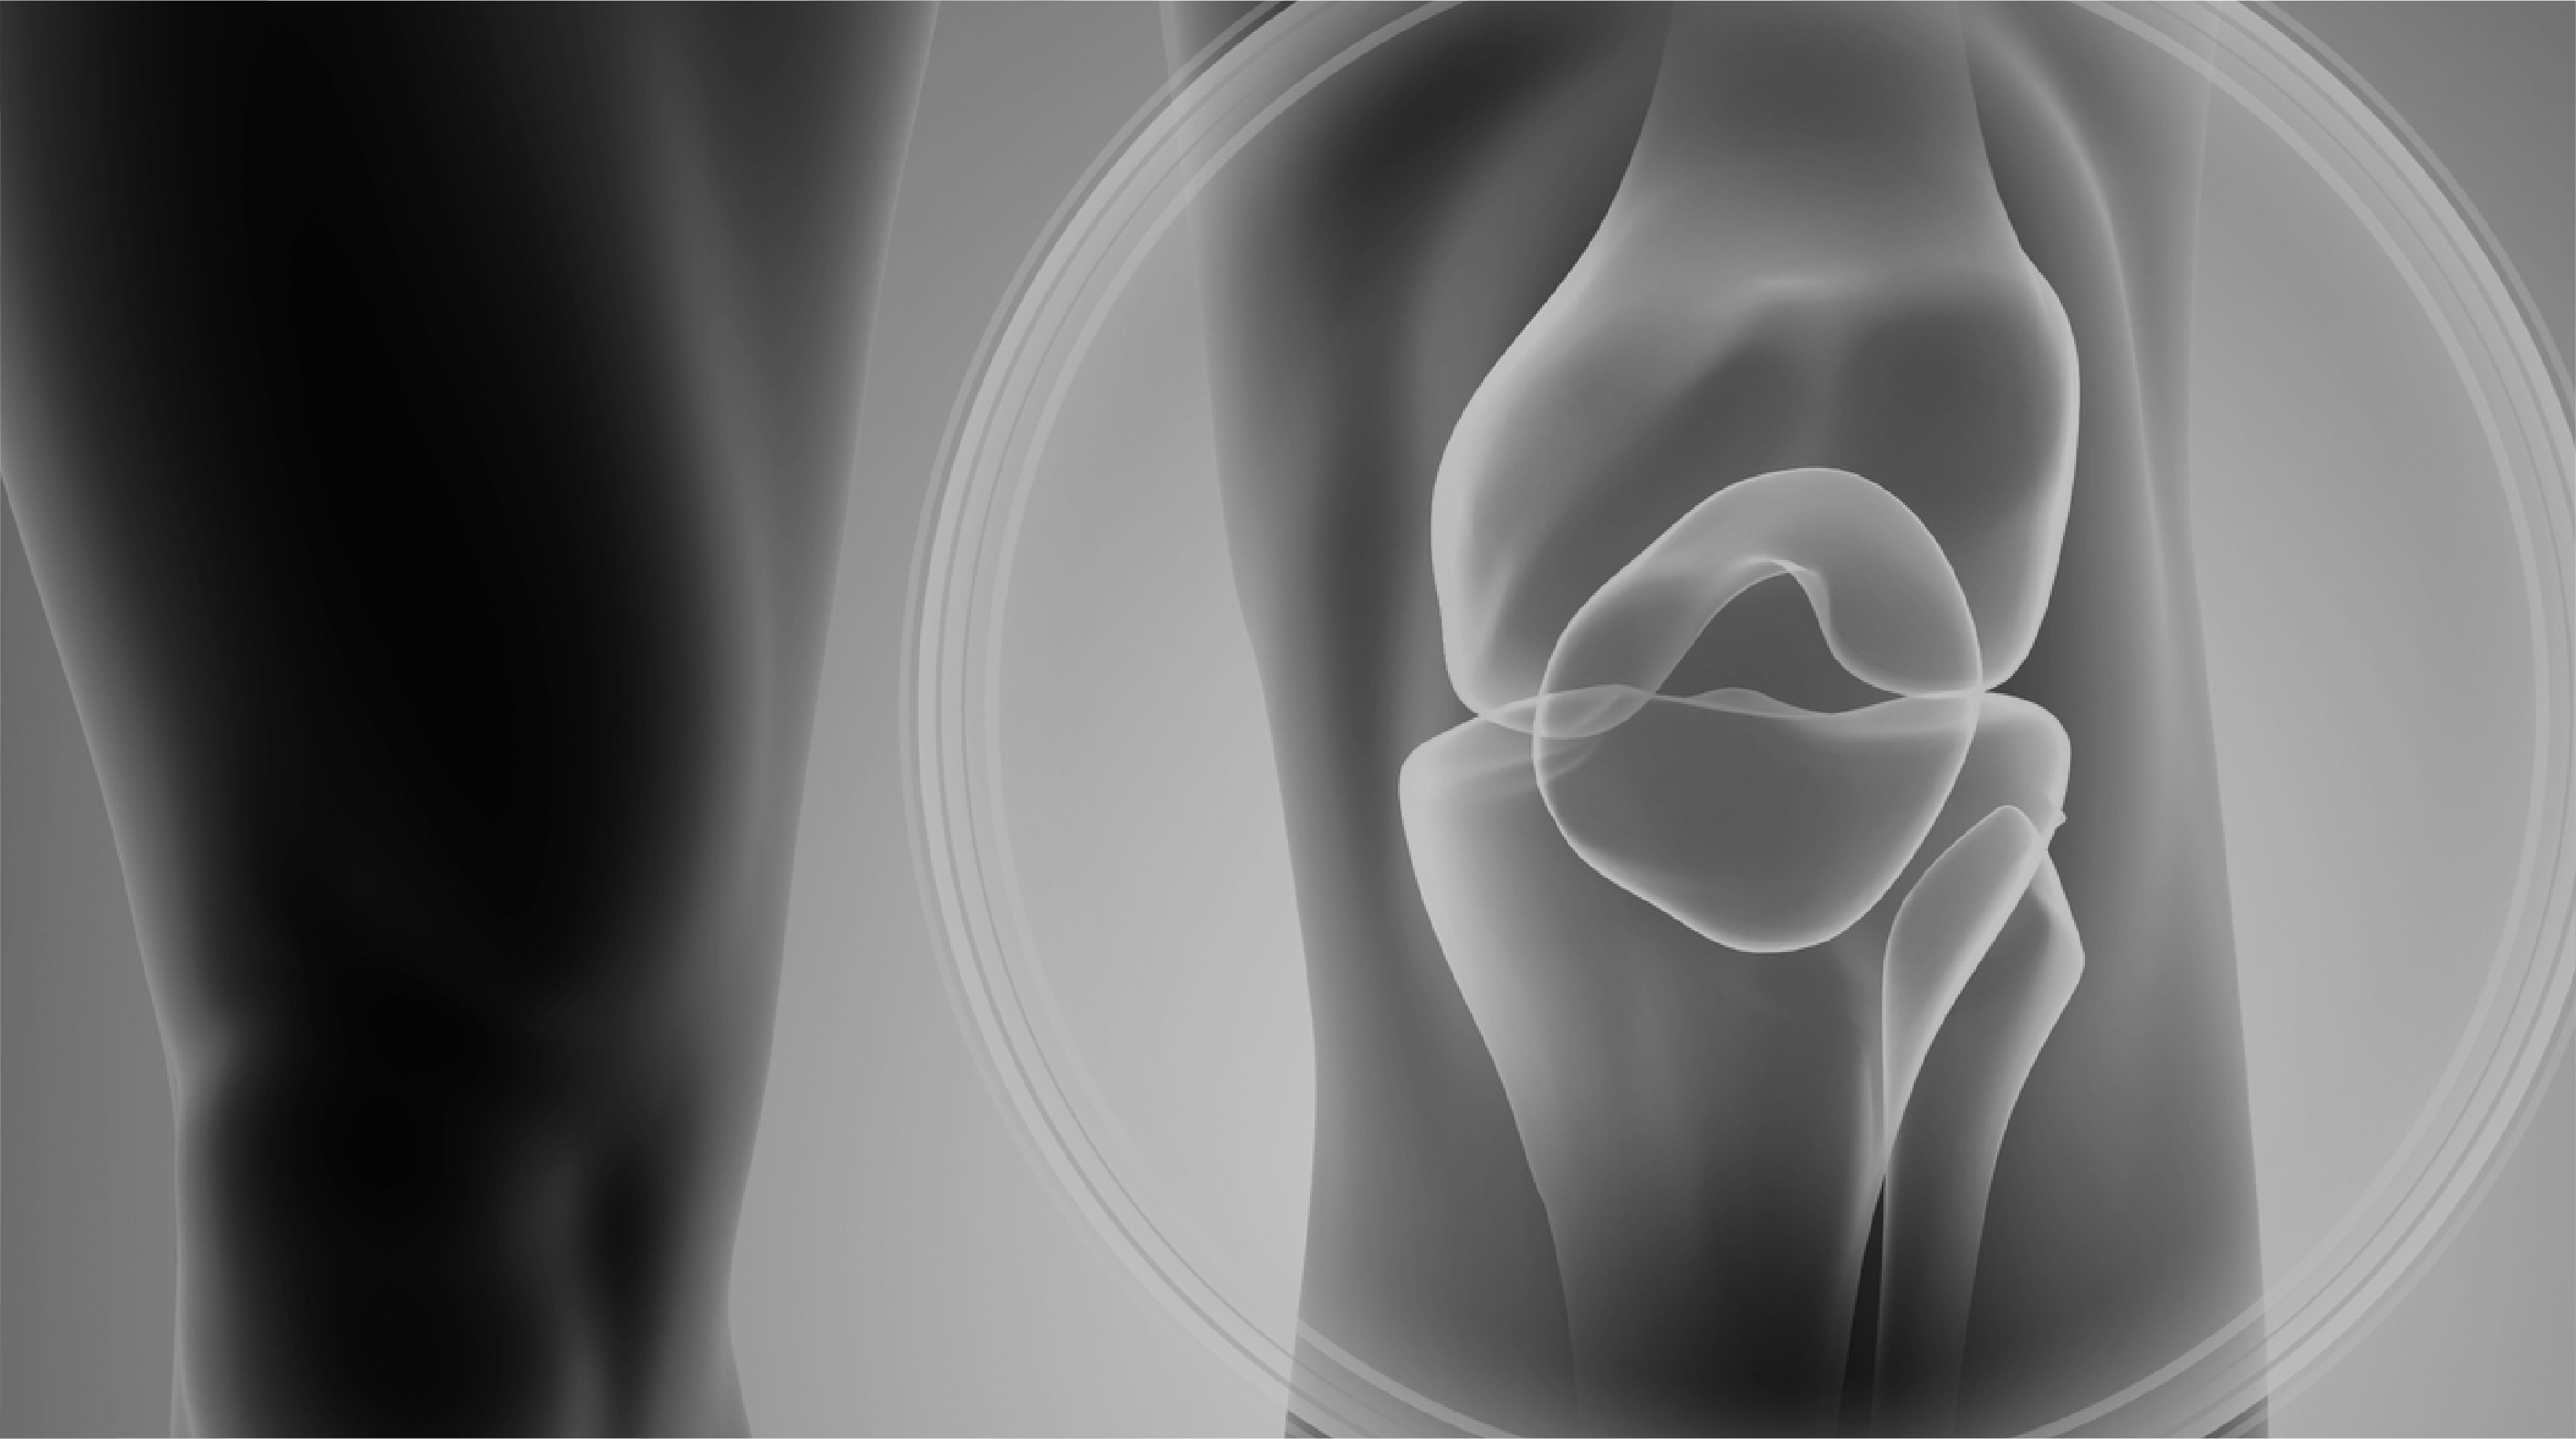 El curso de salud Anatomía Quirúrgica y Exploración de la Rodilla forma parte de nuestro catálogo de cursos de Alebat Education